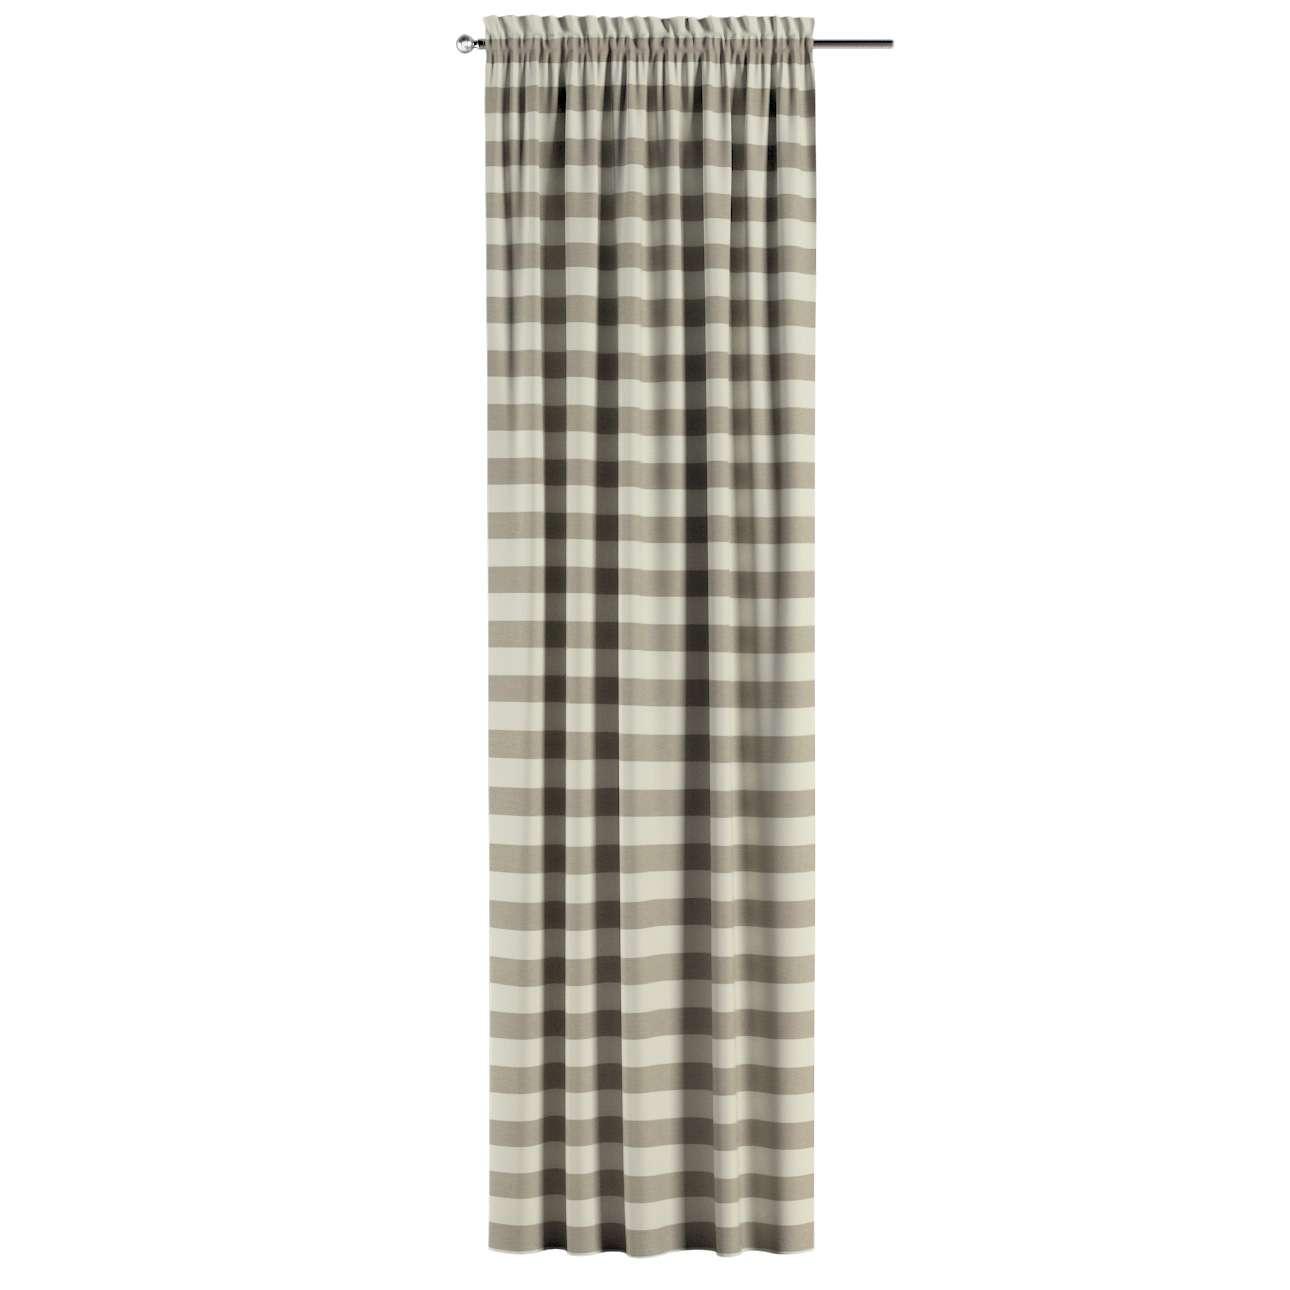 Zasłona na kanale z grzywką 1 szt. w kolekcji Quadro, tkanina: 142-73